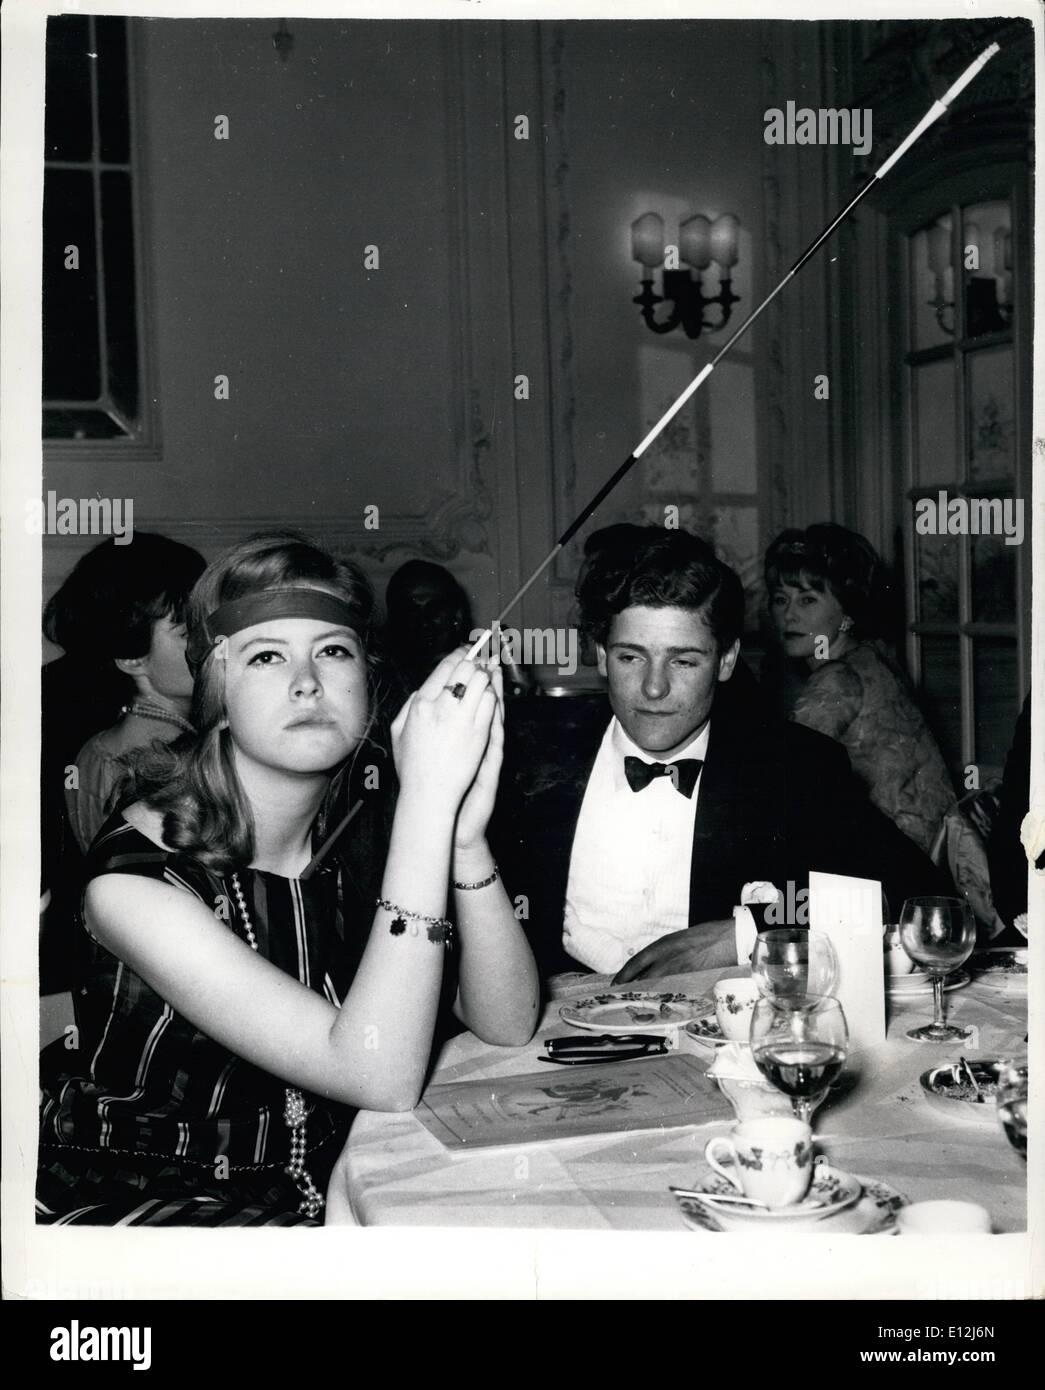 ecfd8575d97a15 Febbraio 24, 2012 - Torna a Anni Ruggenti al Savoy sfera: cinquecento gli  ospiti